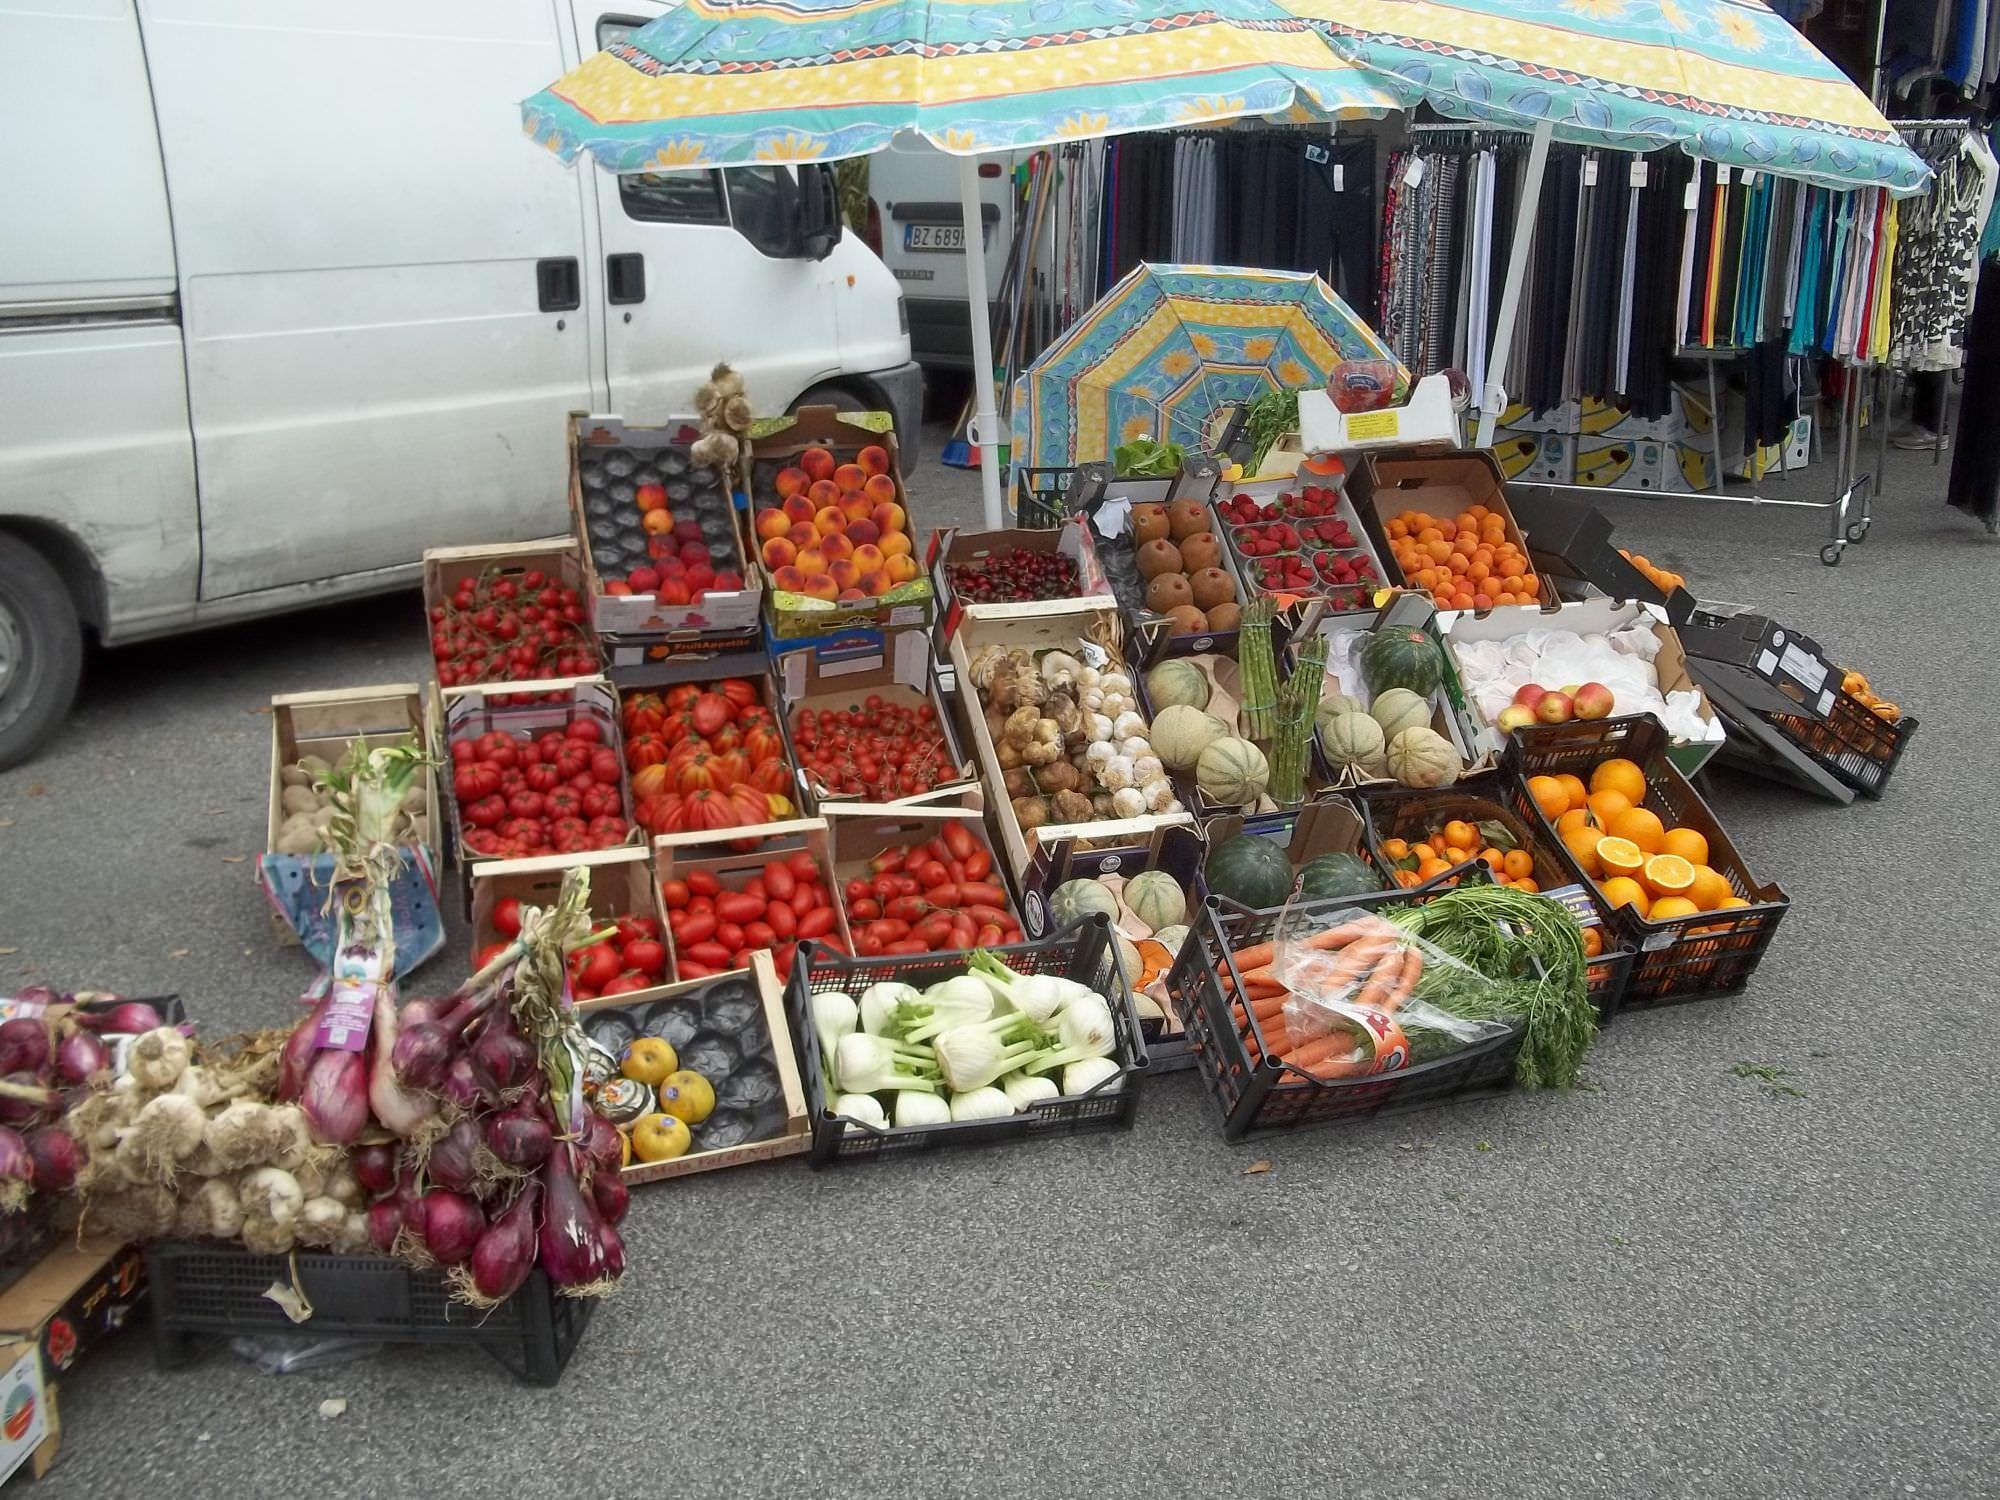 Vendeva frutta e verdura senza esporre i prezzi